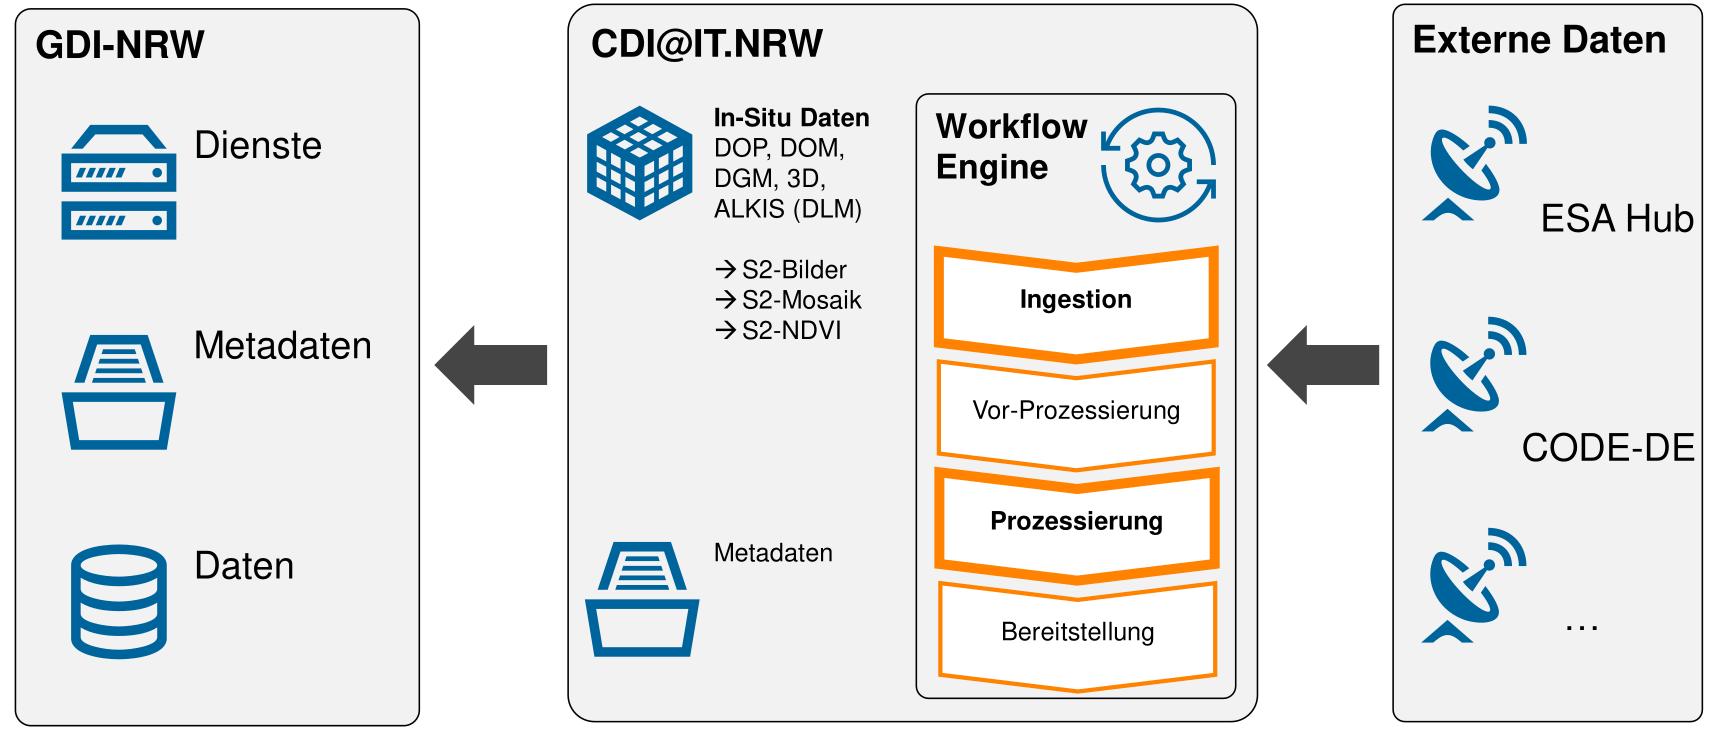 CDI@IT.NRW Architecture